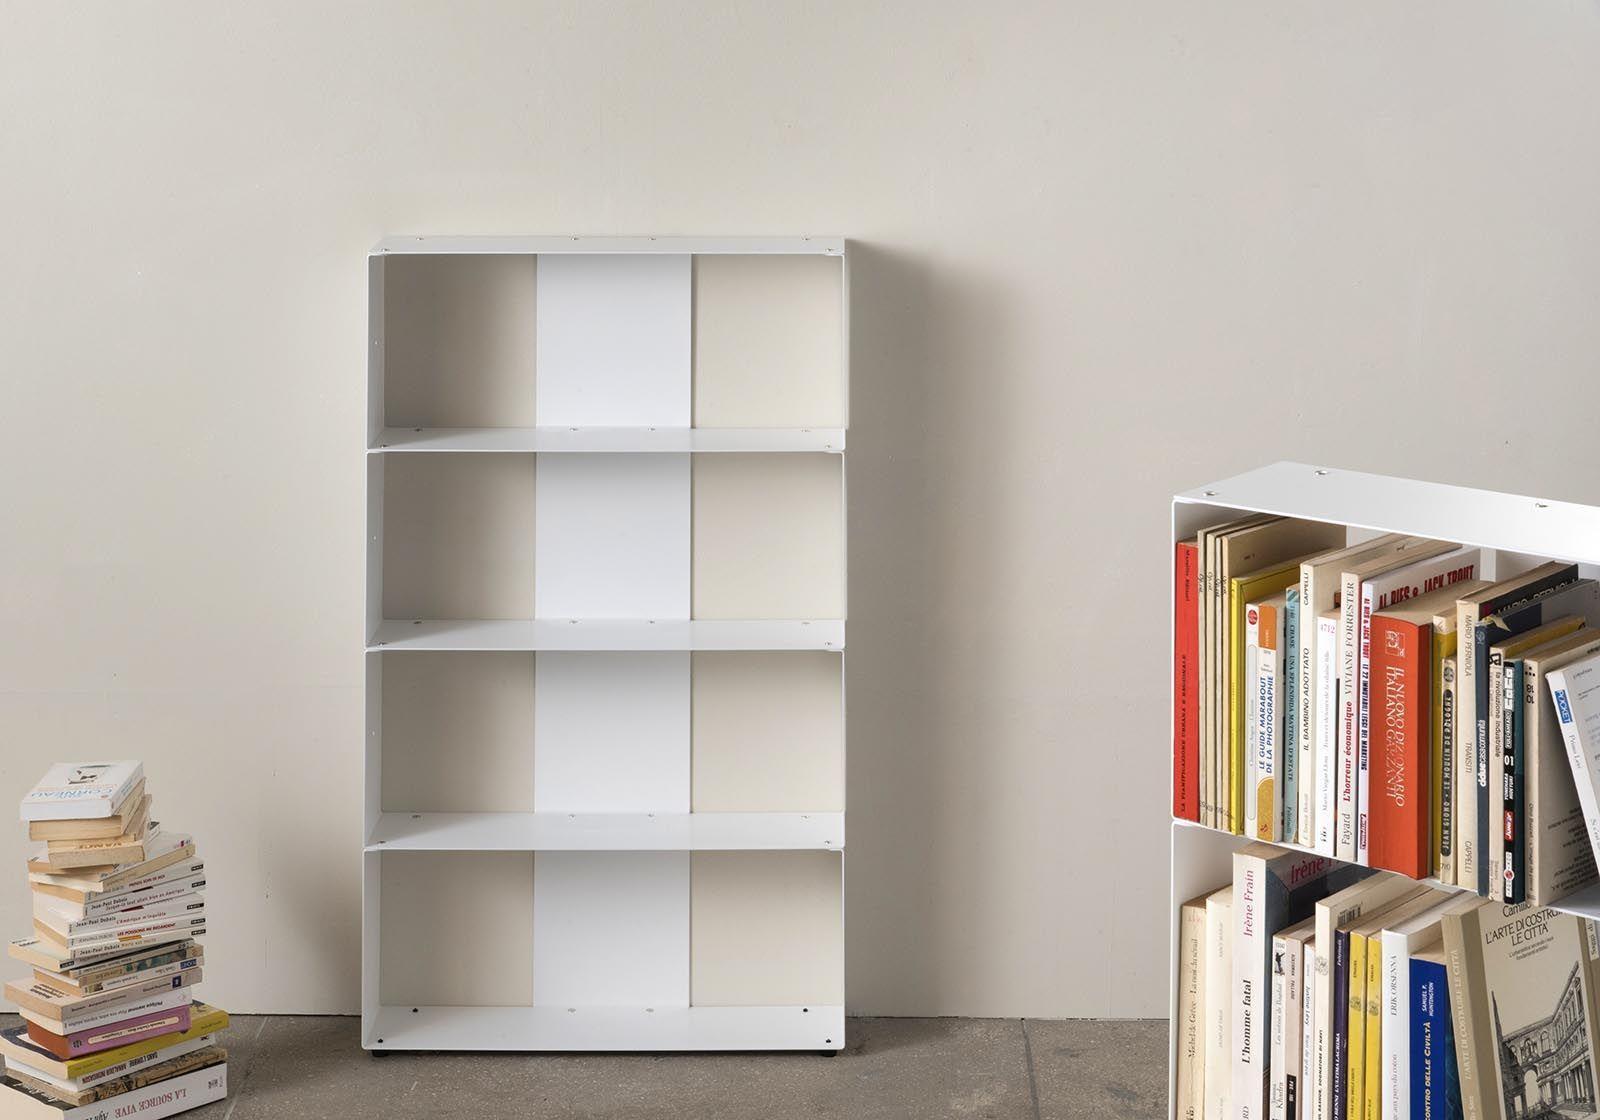 Libreria Profondità 15 Cm libreria design 60 cm - metallo bianco - 4 livelli